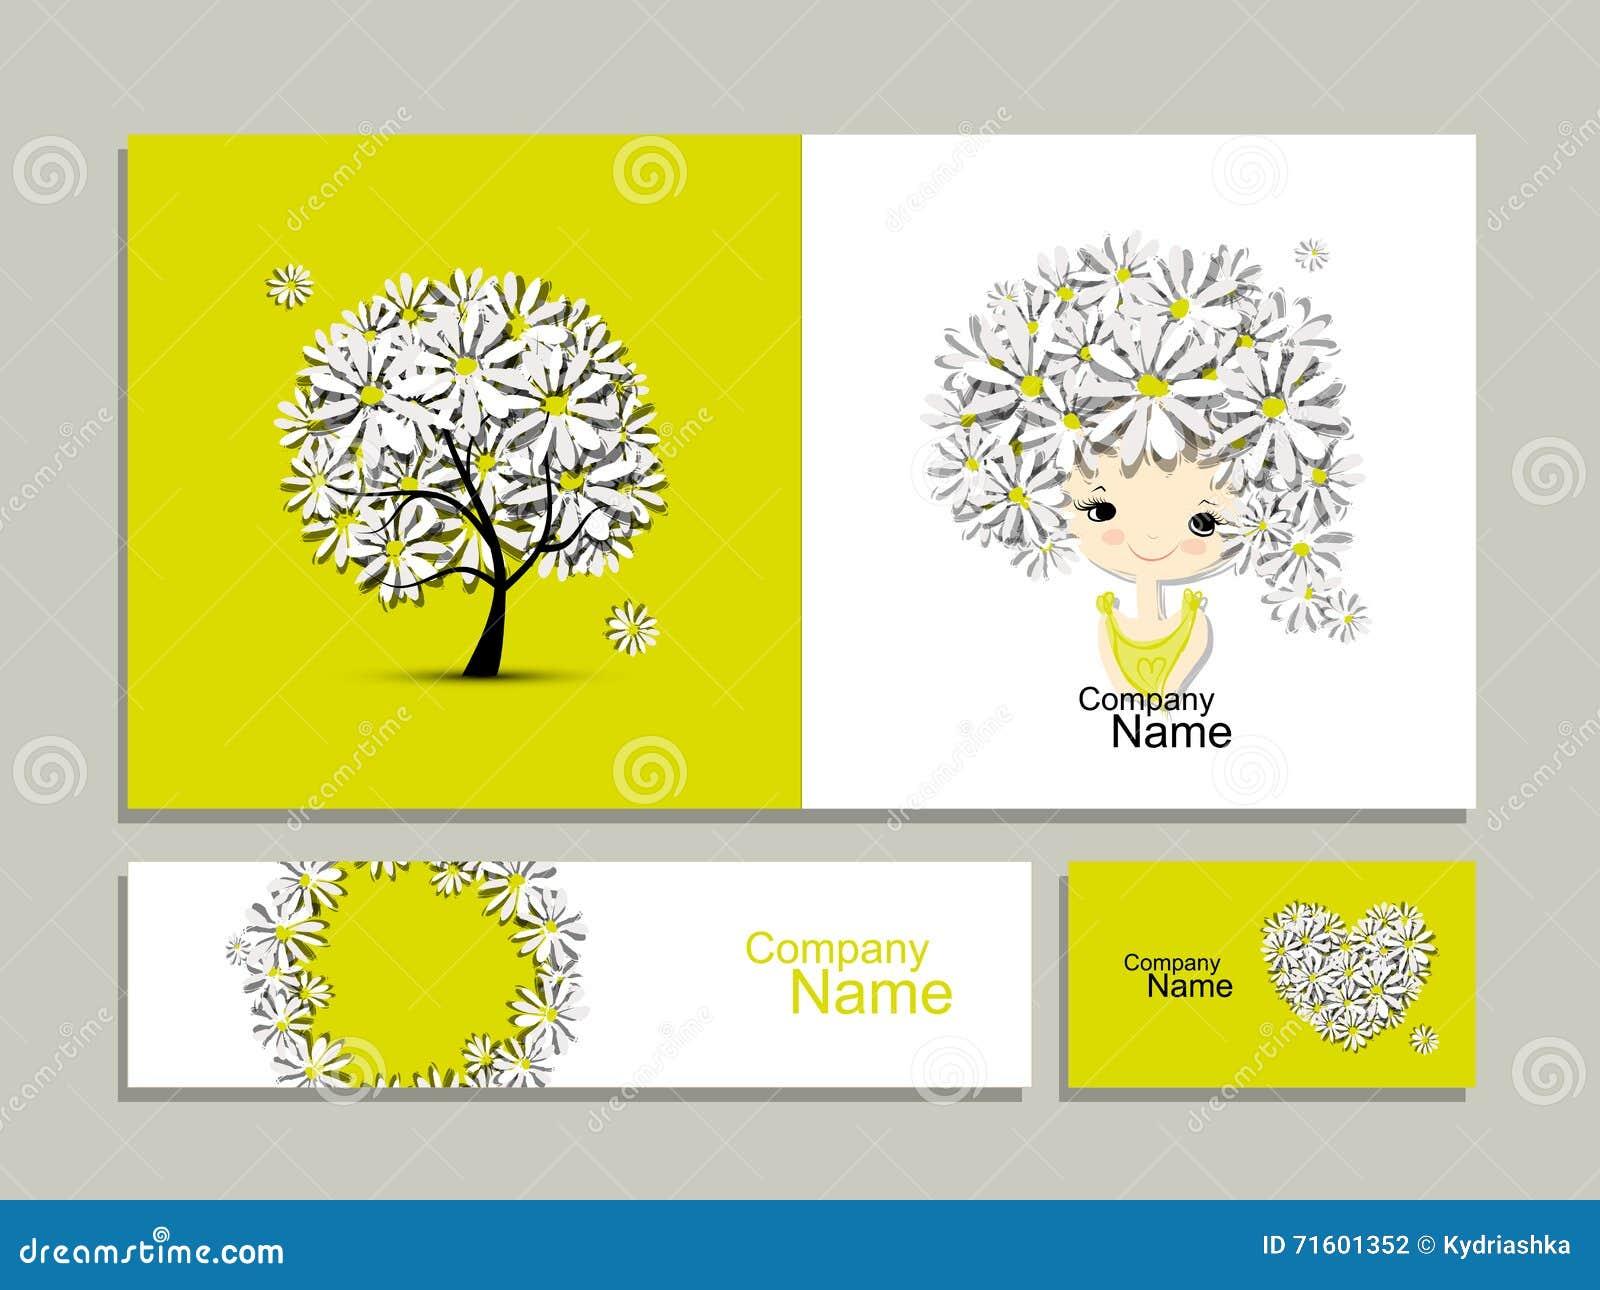 Cartes De Visite Professionnelle Avec La Fille Florale Pour Votre Conception